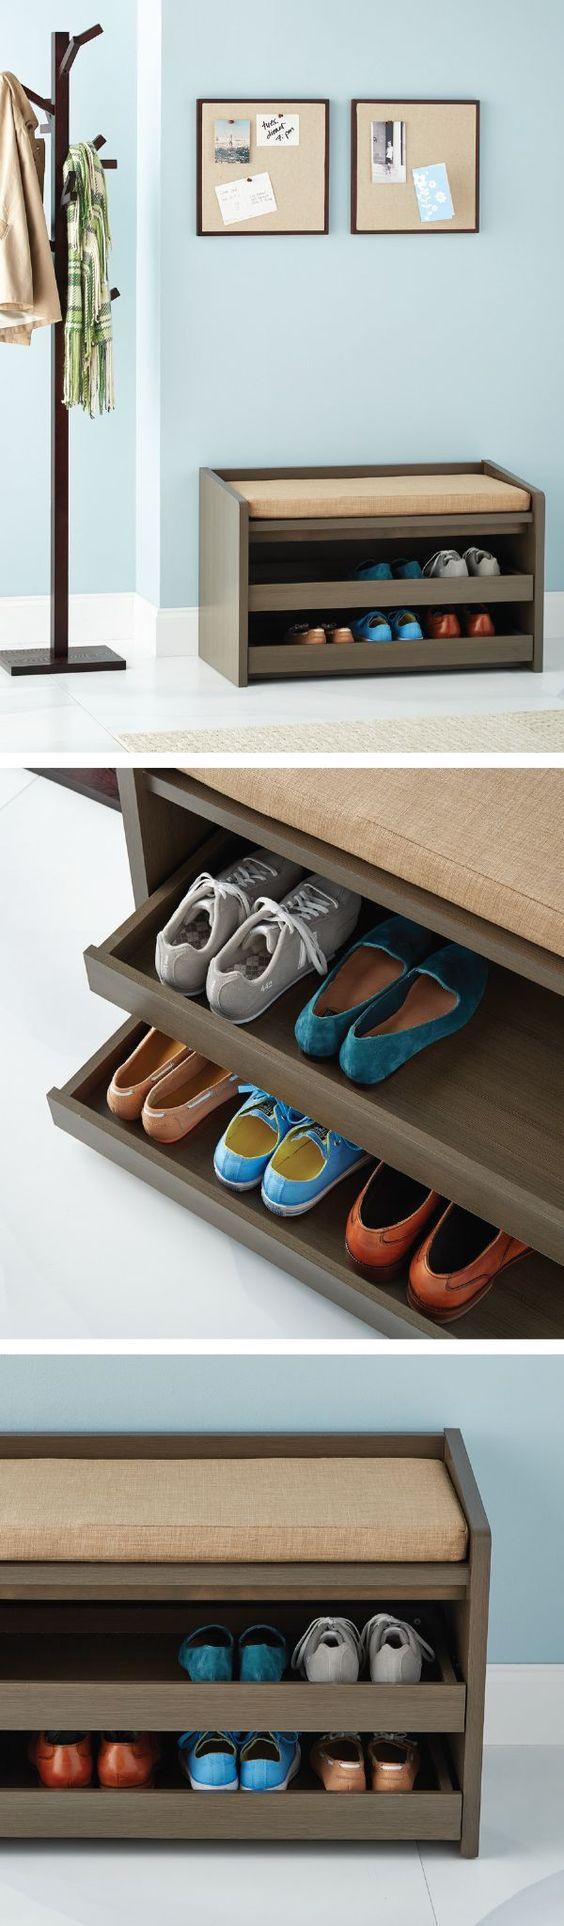 Фото обувных полок своими руками